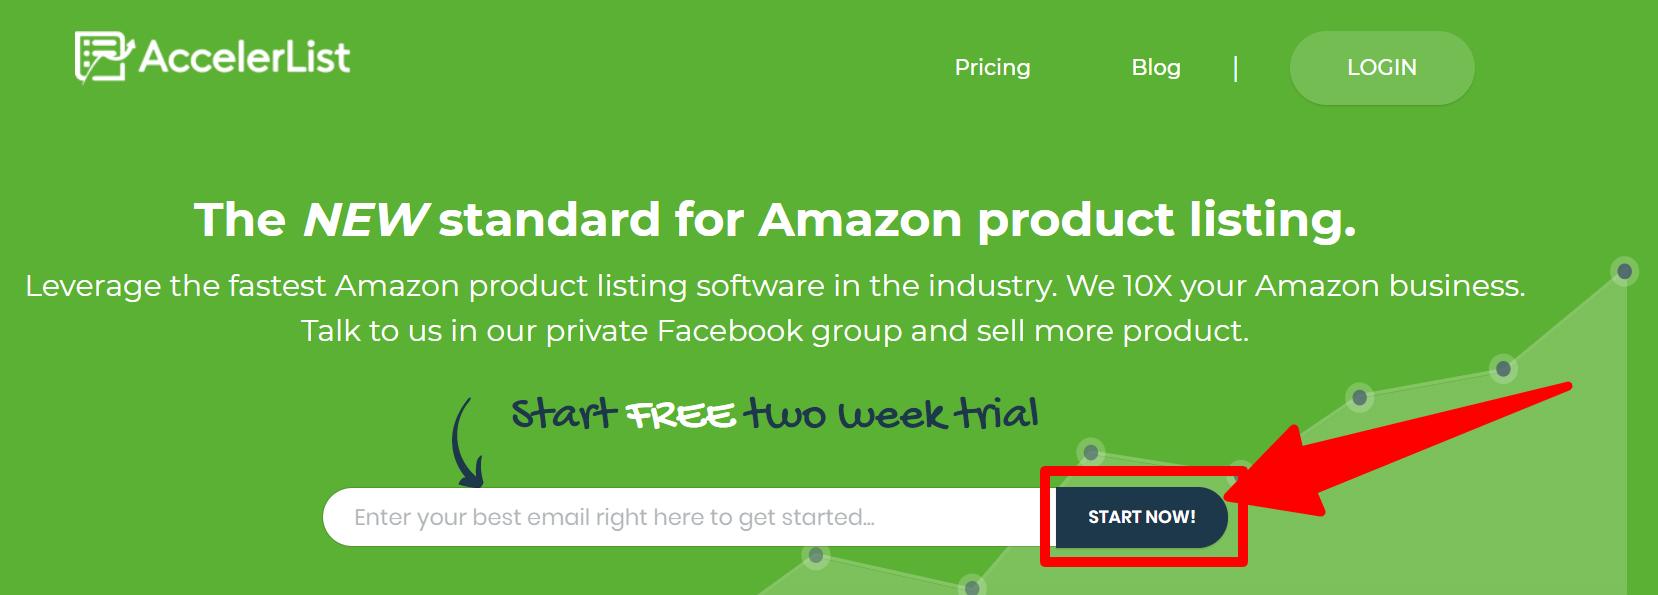 Amazon Analytics Tools - Accelerlist_